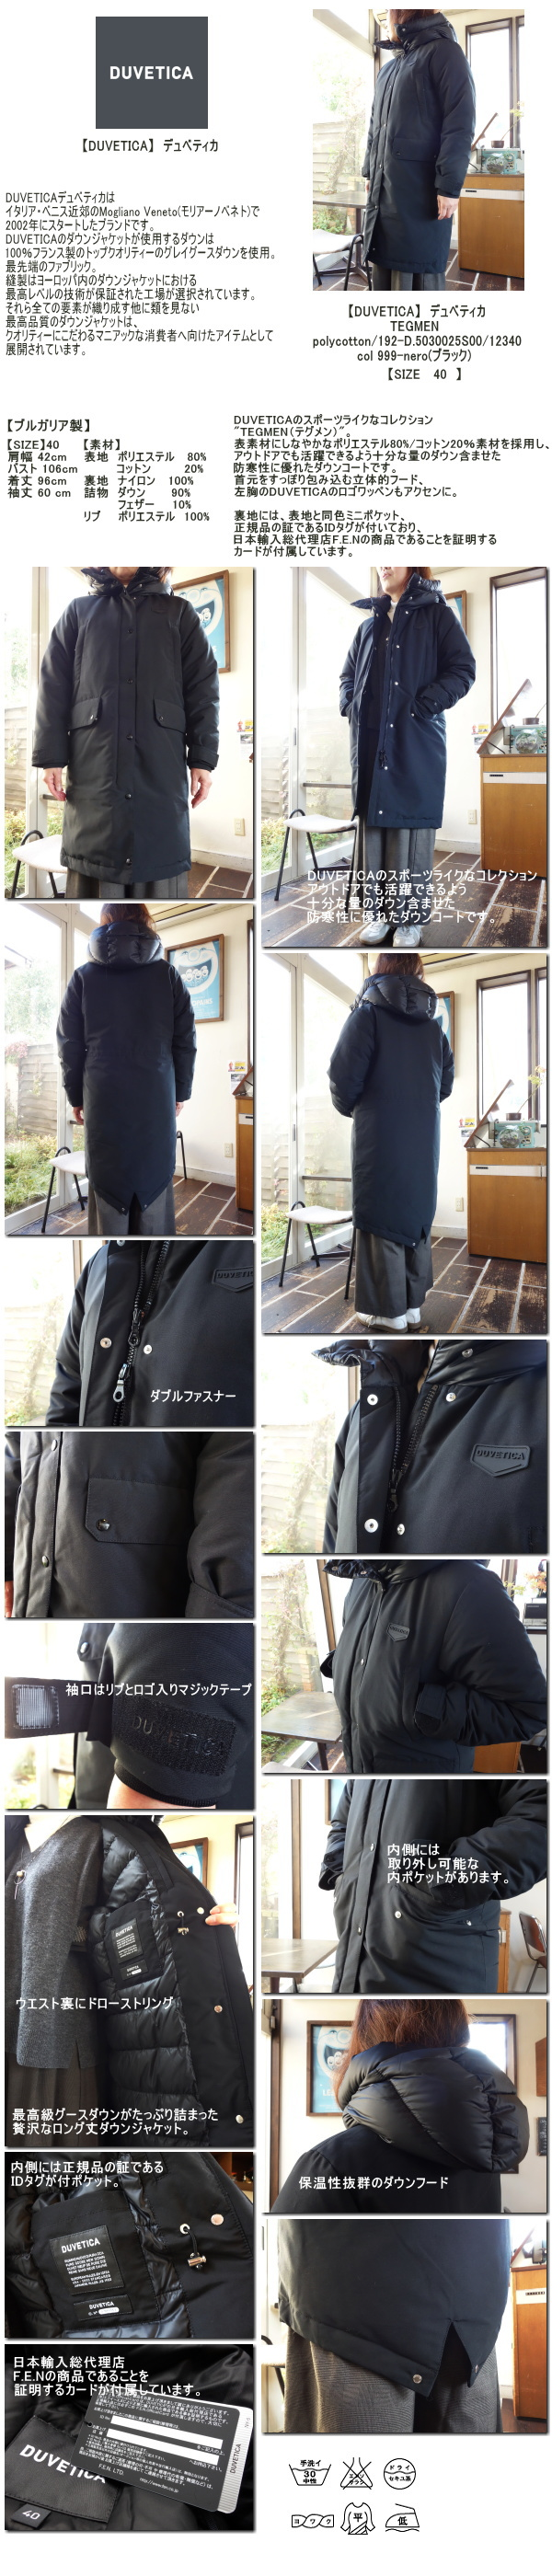 【DUVETICA】 デュベティカ TEGMEN polycotton/192-D.5030025S00/12340 col 999-nero(ブラック)